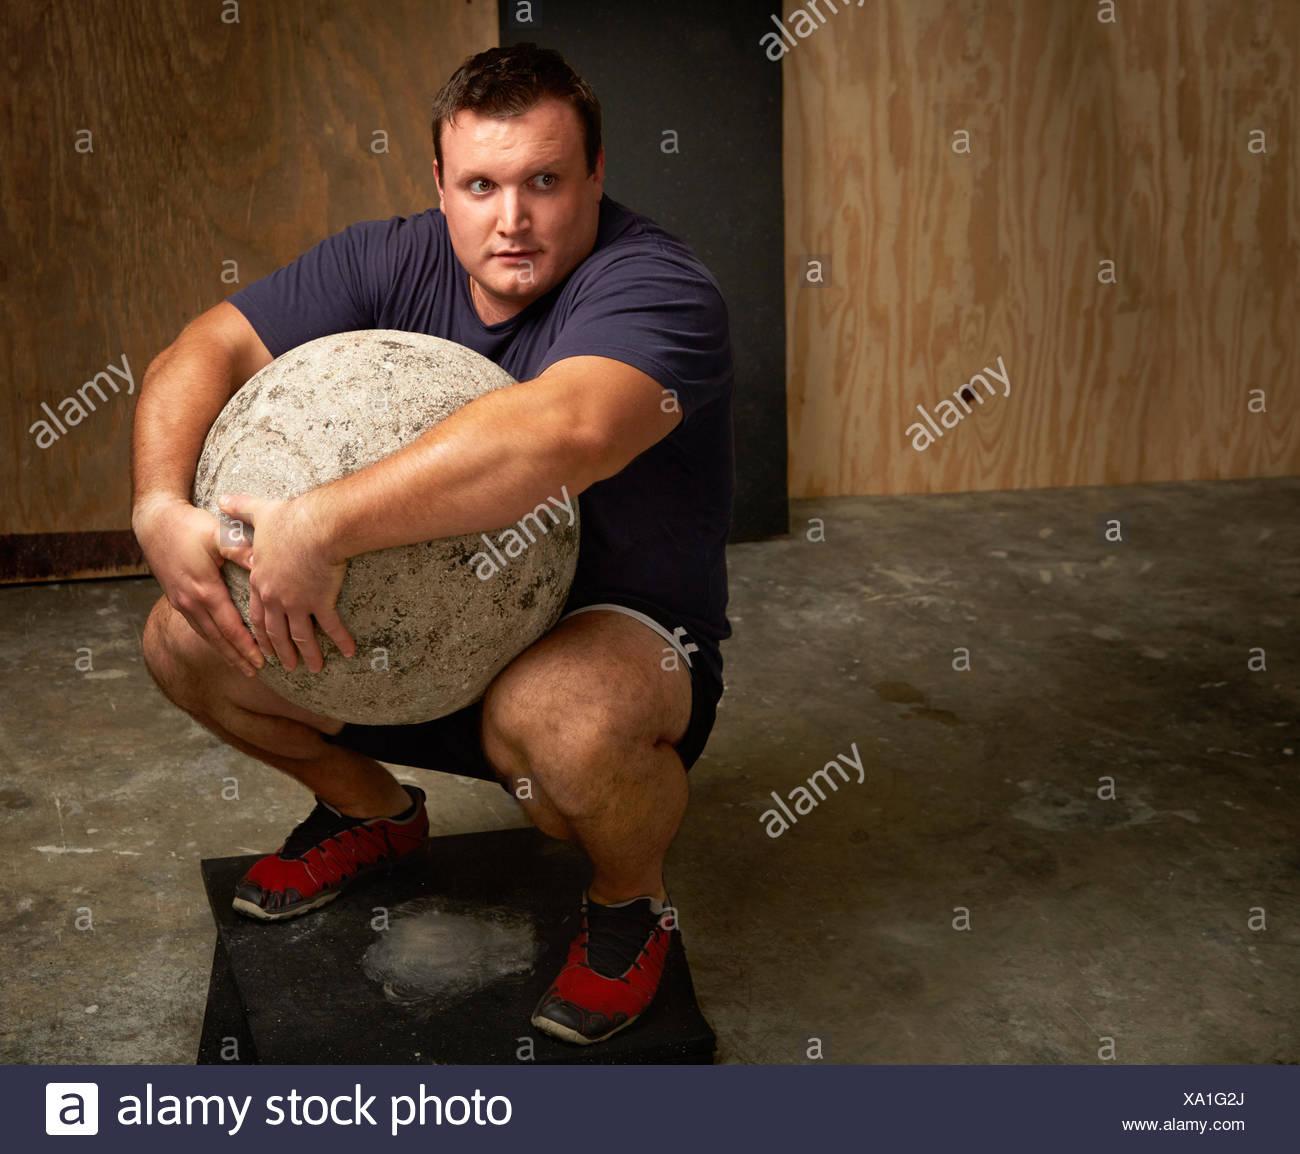 Retrato de macho joven levantador de pesas en cuclillas con atlas ball en el gimnasio Imagen De Stock